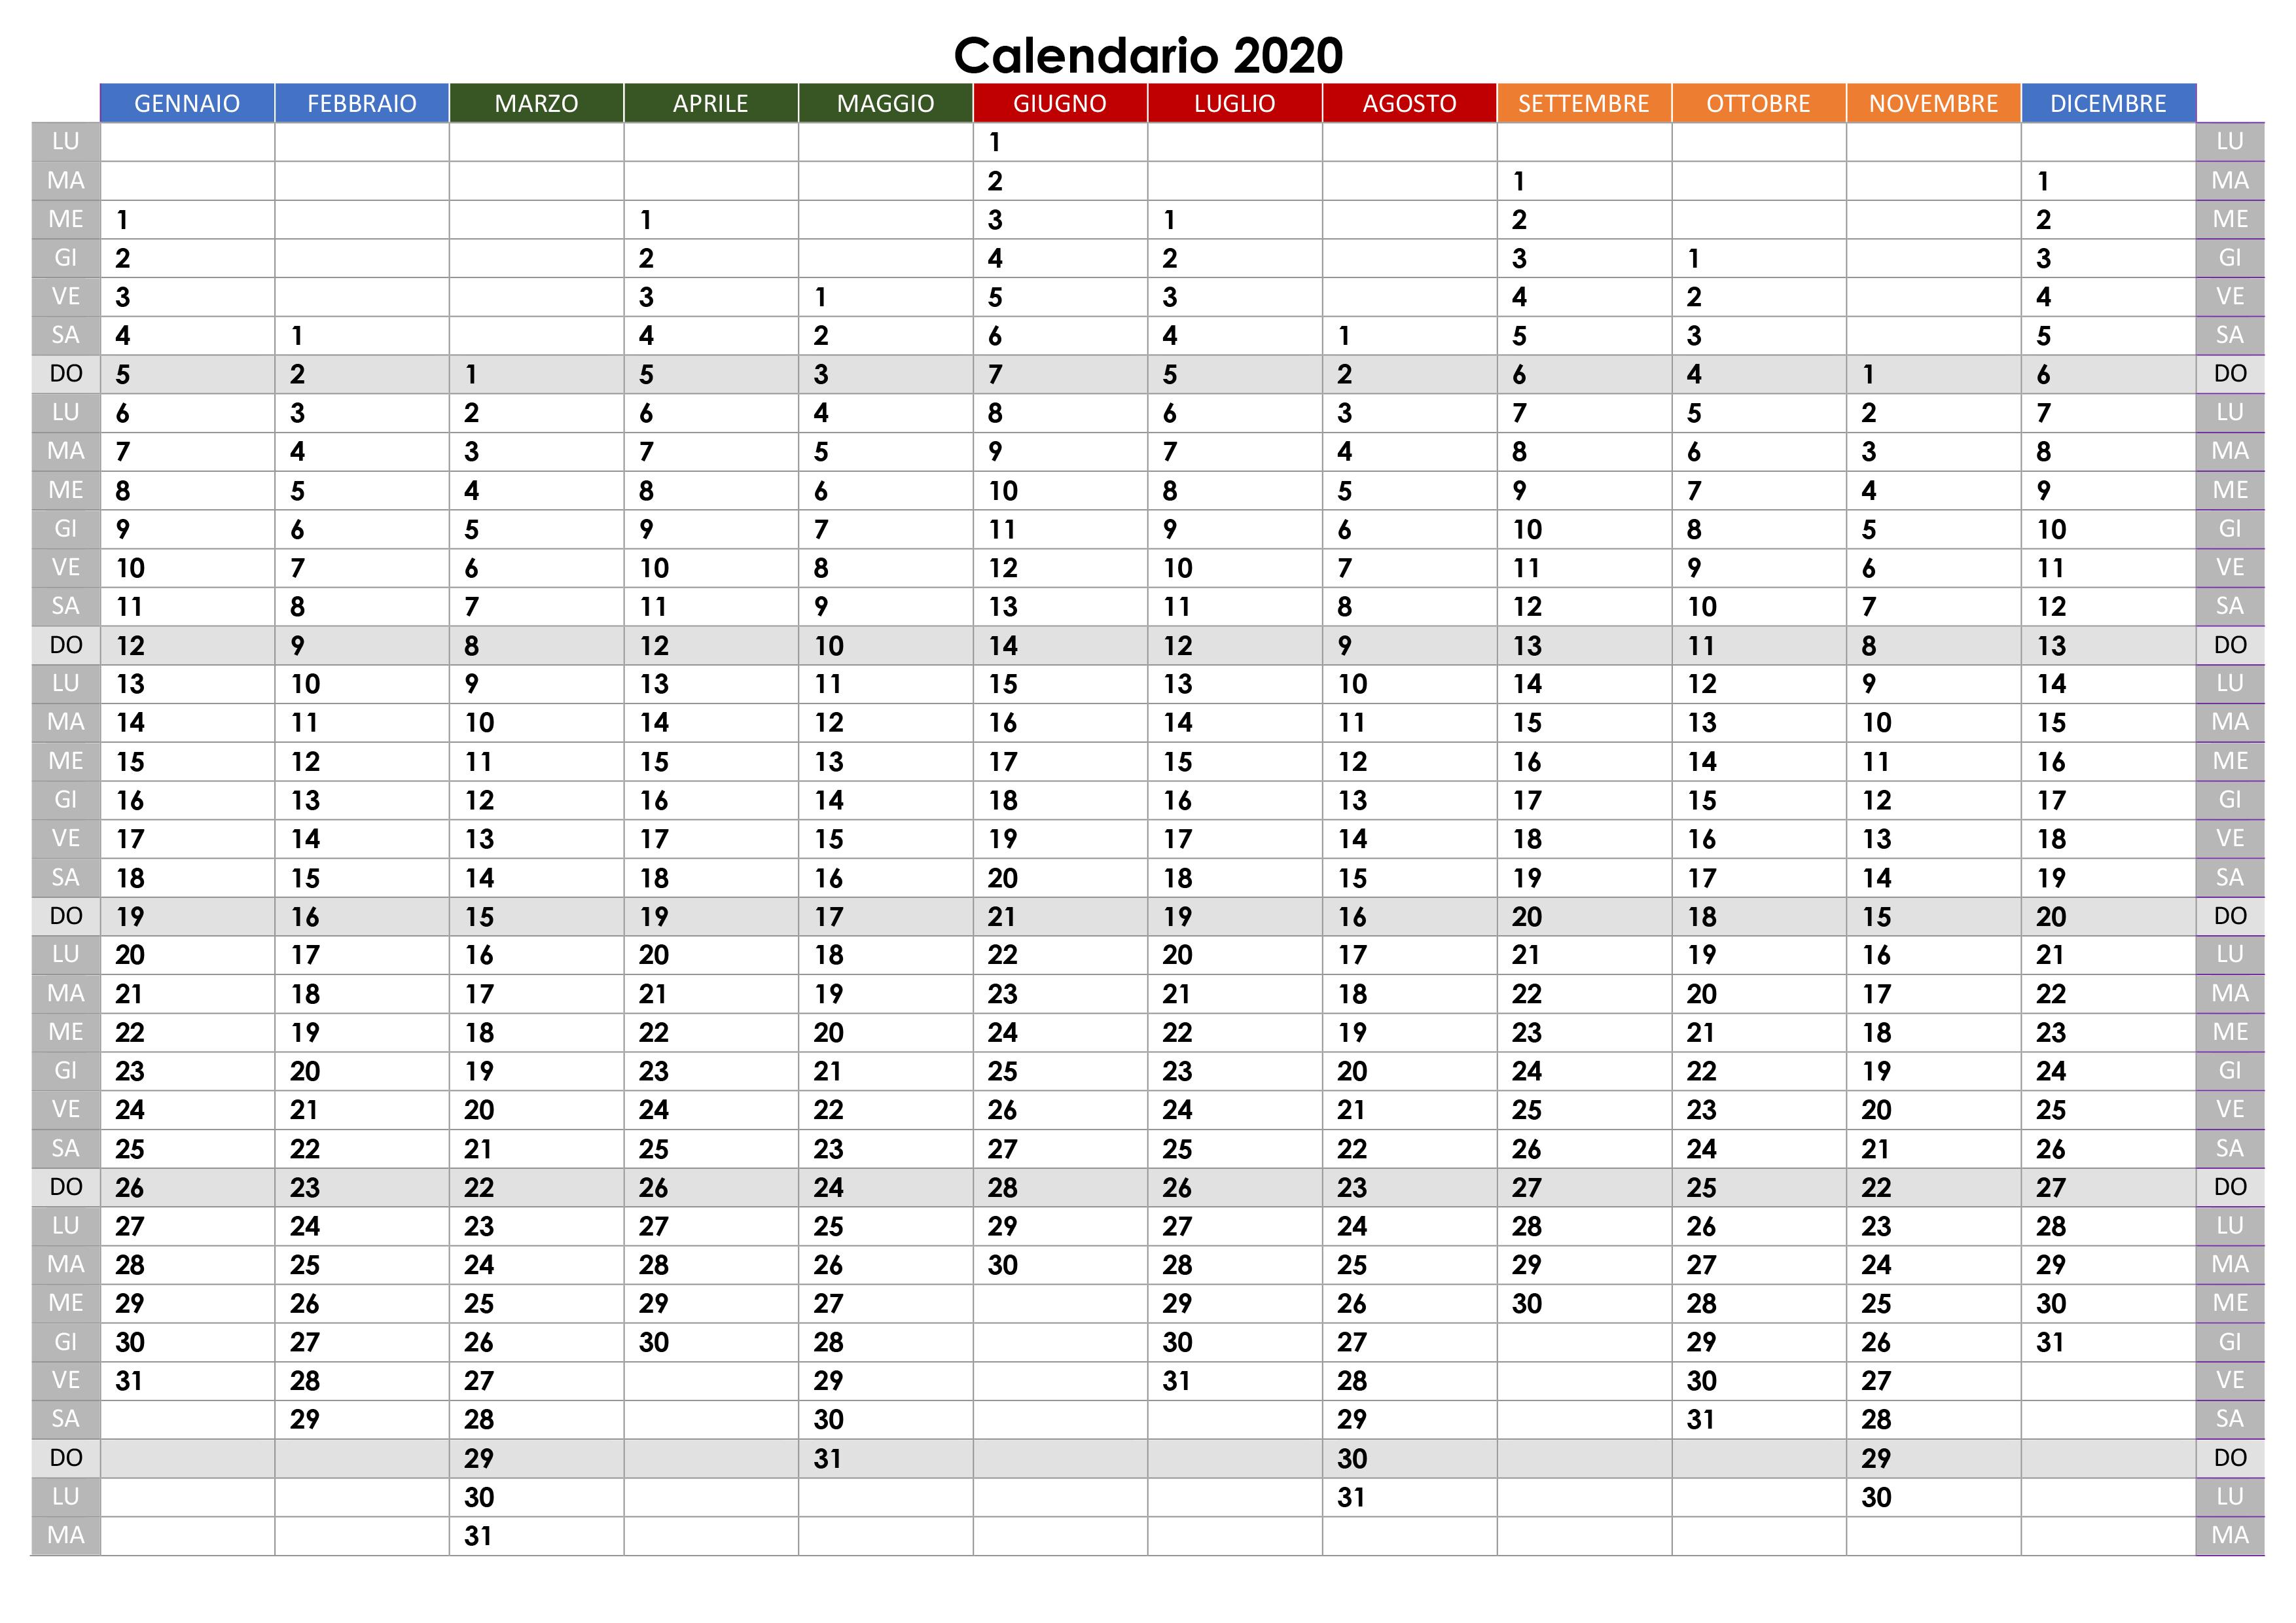 Calendario Italiano 2020 Con Festivita.Calendario 2020 Annuale Calendario Su